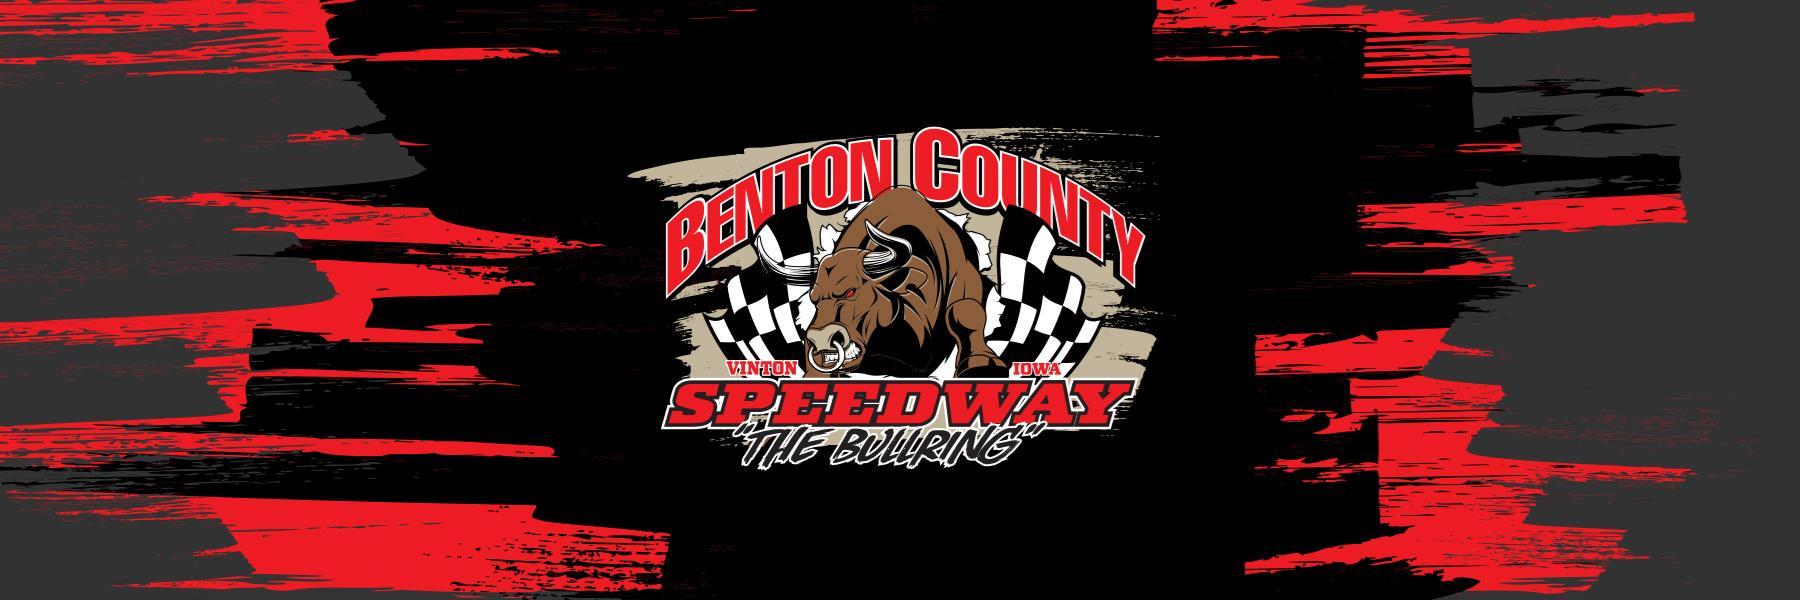 Benton County Speedway